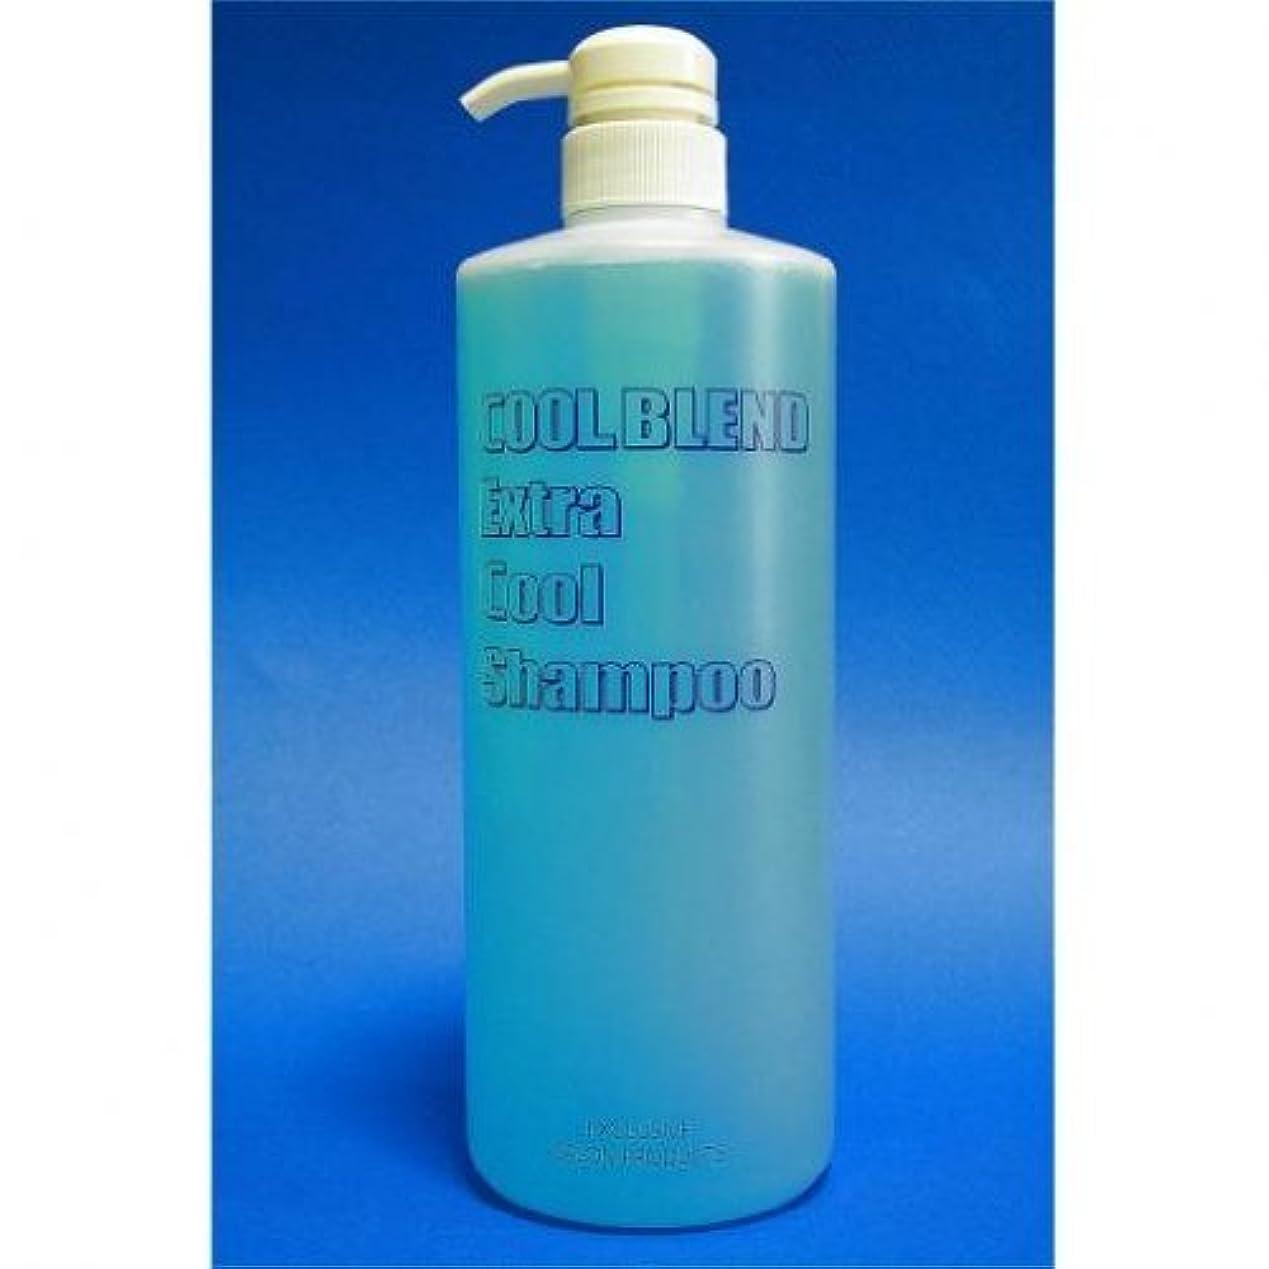 授業料添加剤ロッドクールブレンド エキストラクール シャンプー 1000MLボトルポンプ式